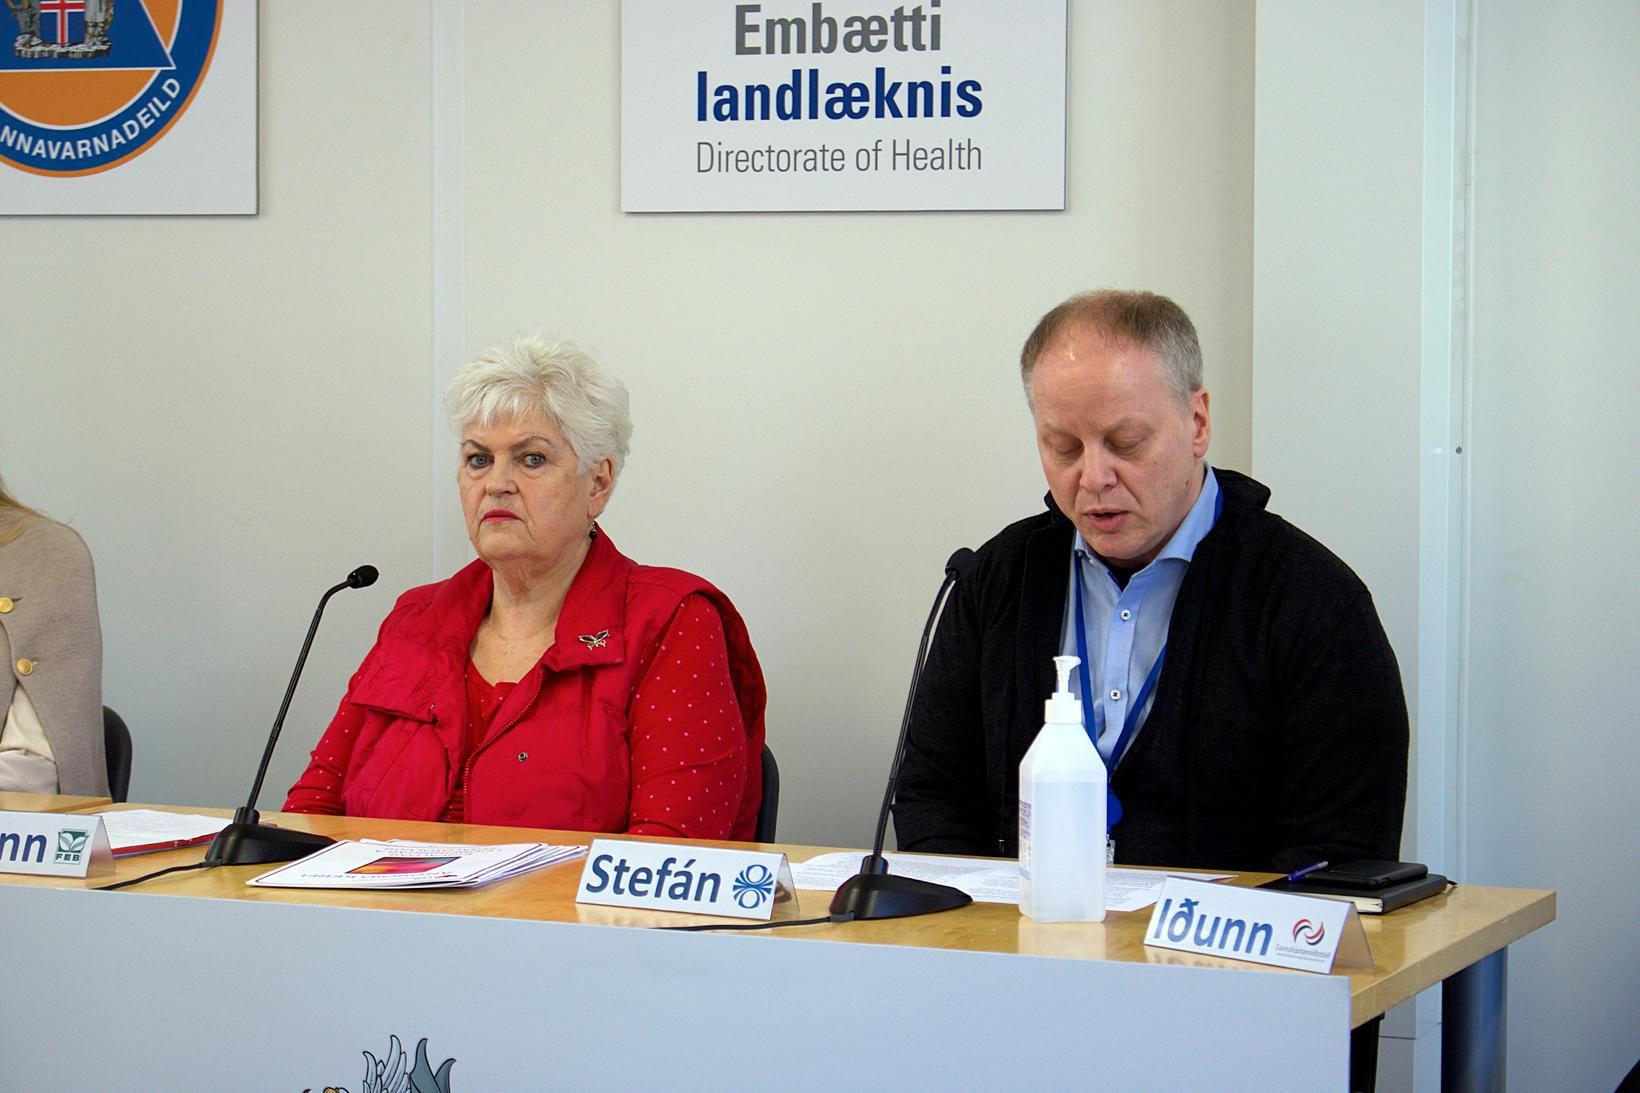 Þórunn og Stefán Eiríksson á fundinum í dag.